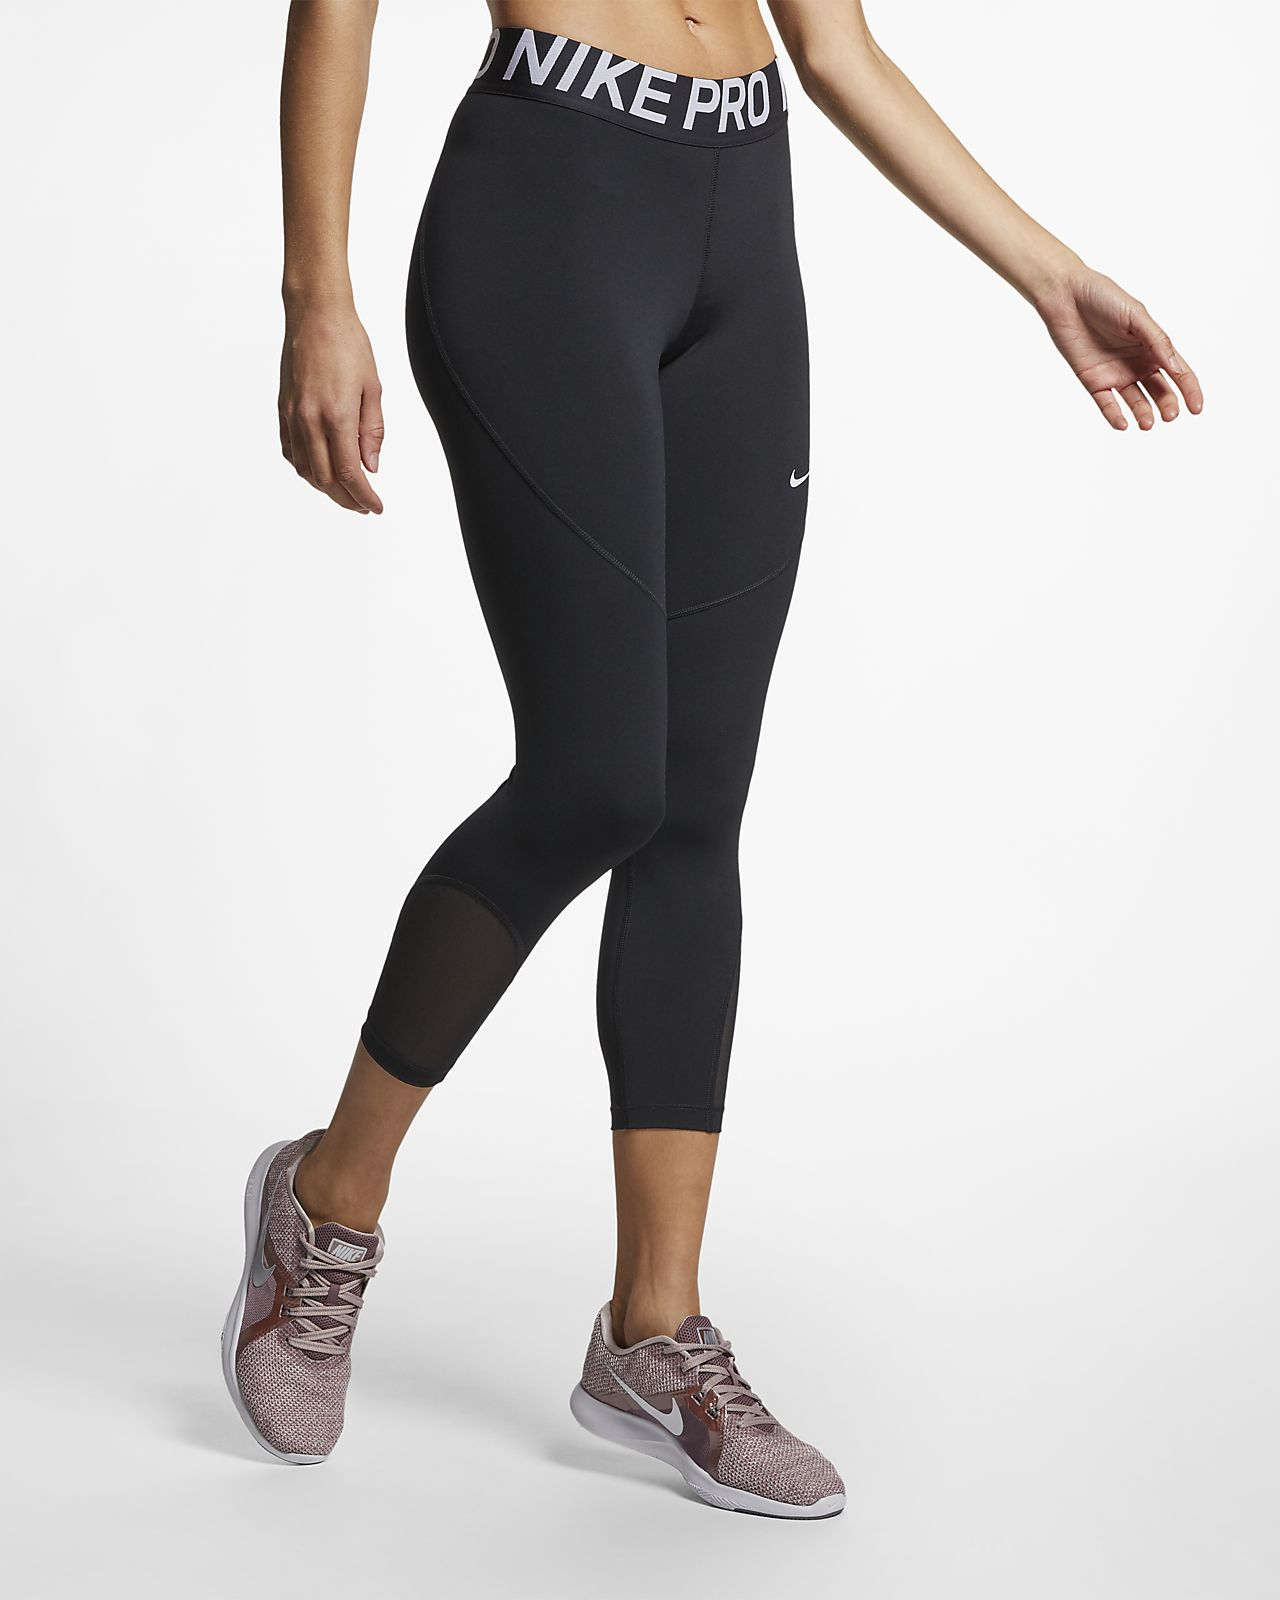 กางเกงผู้หญิง 5 ส่วน Nike Pro